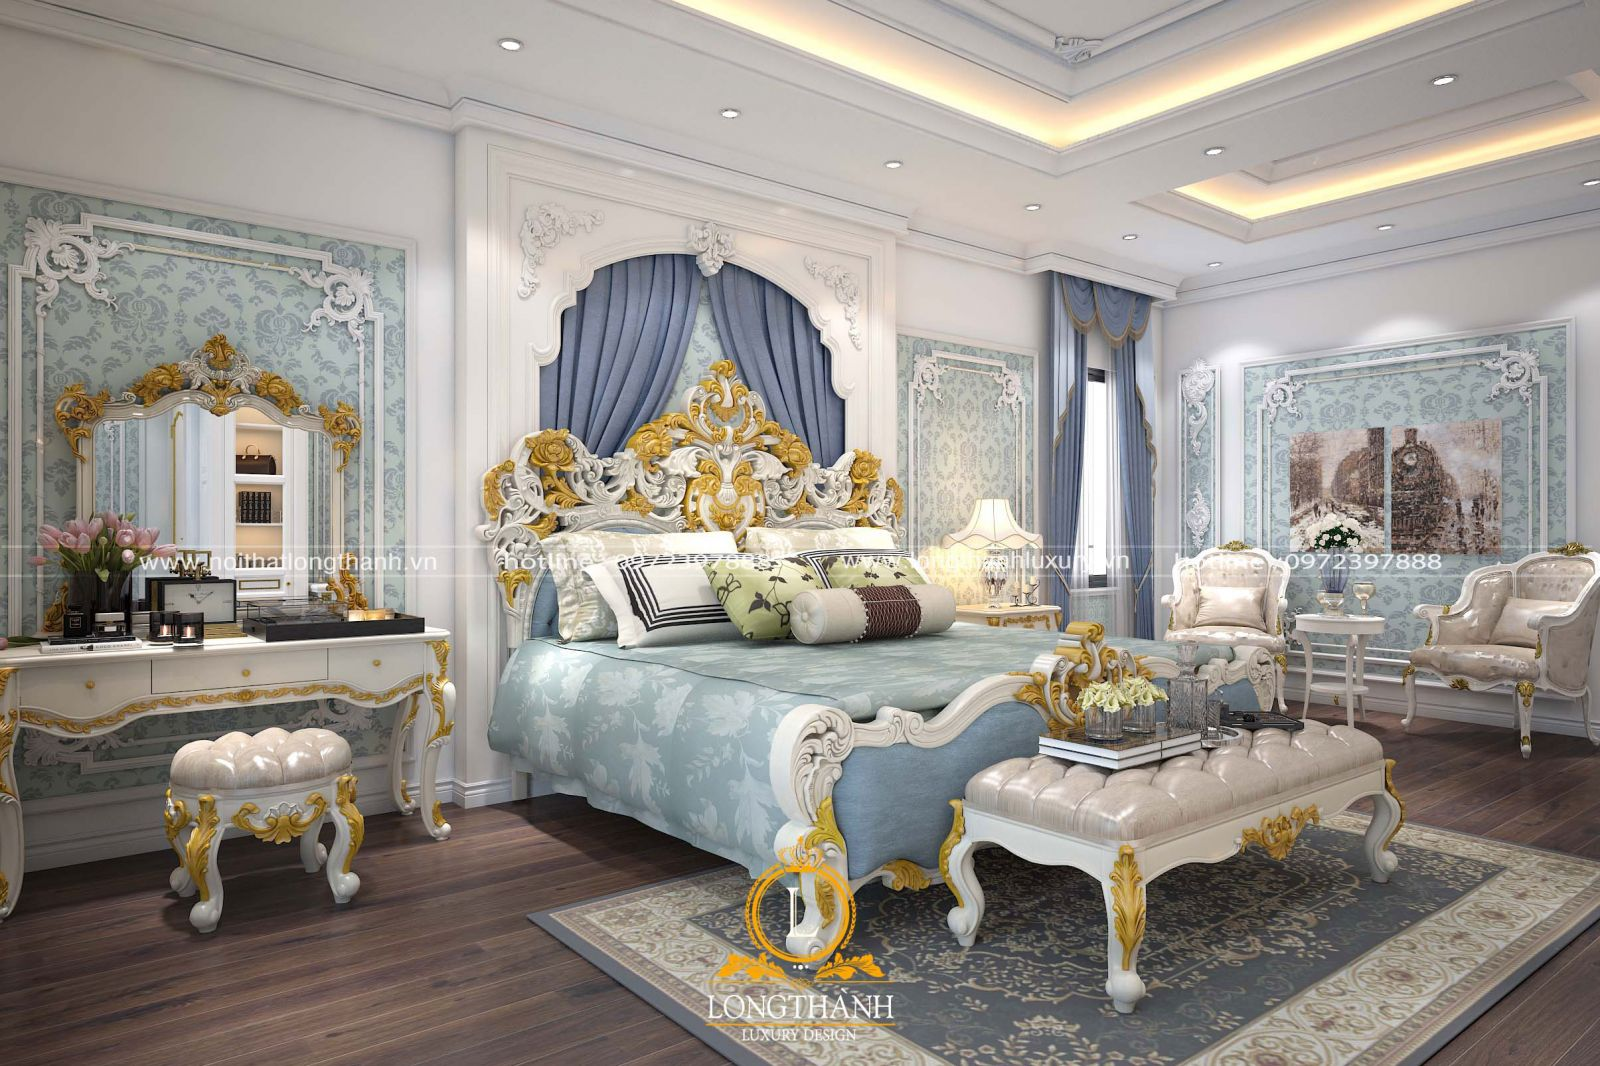 Không gian phòng ngủ  cao cấp được sử dụng gam màu xanh ngọc làm chủ đạo thể hiện nét cá tính riêng của chủ nhân